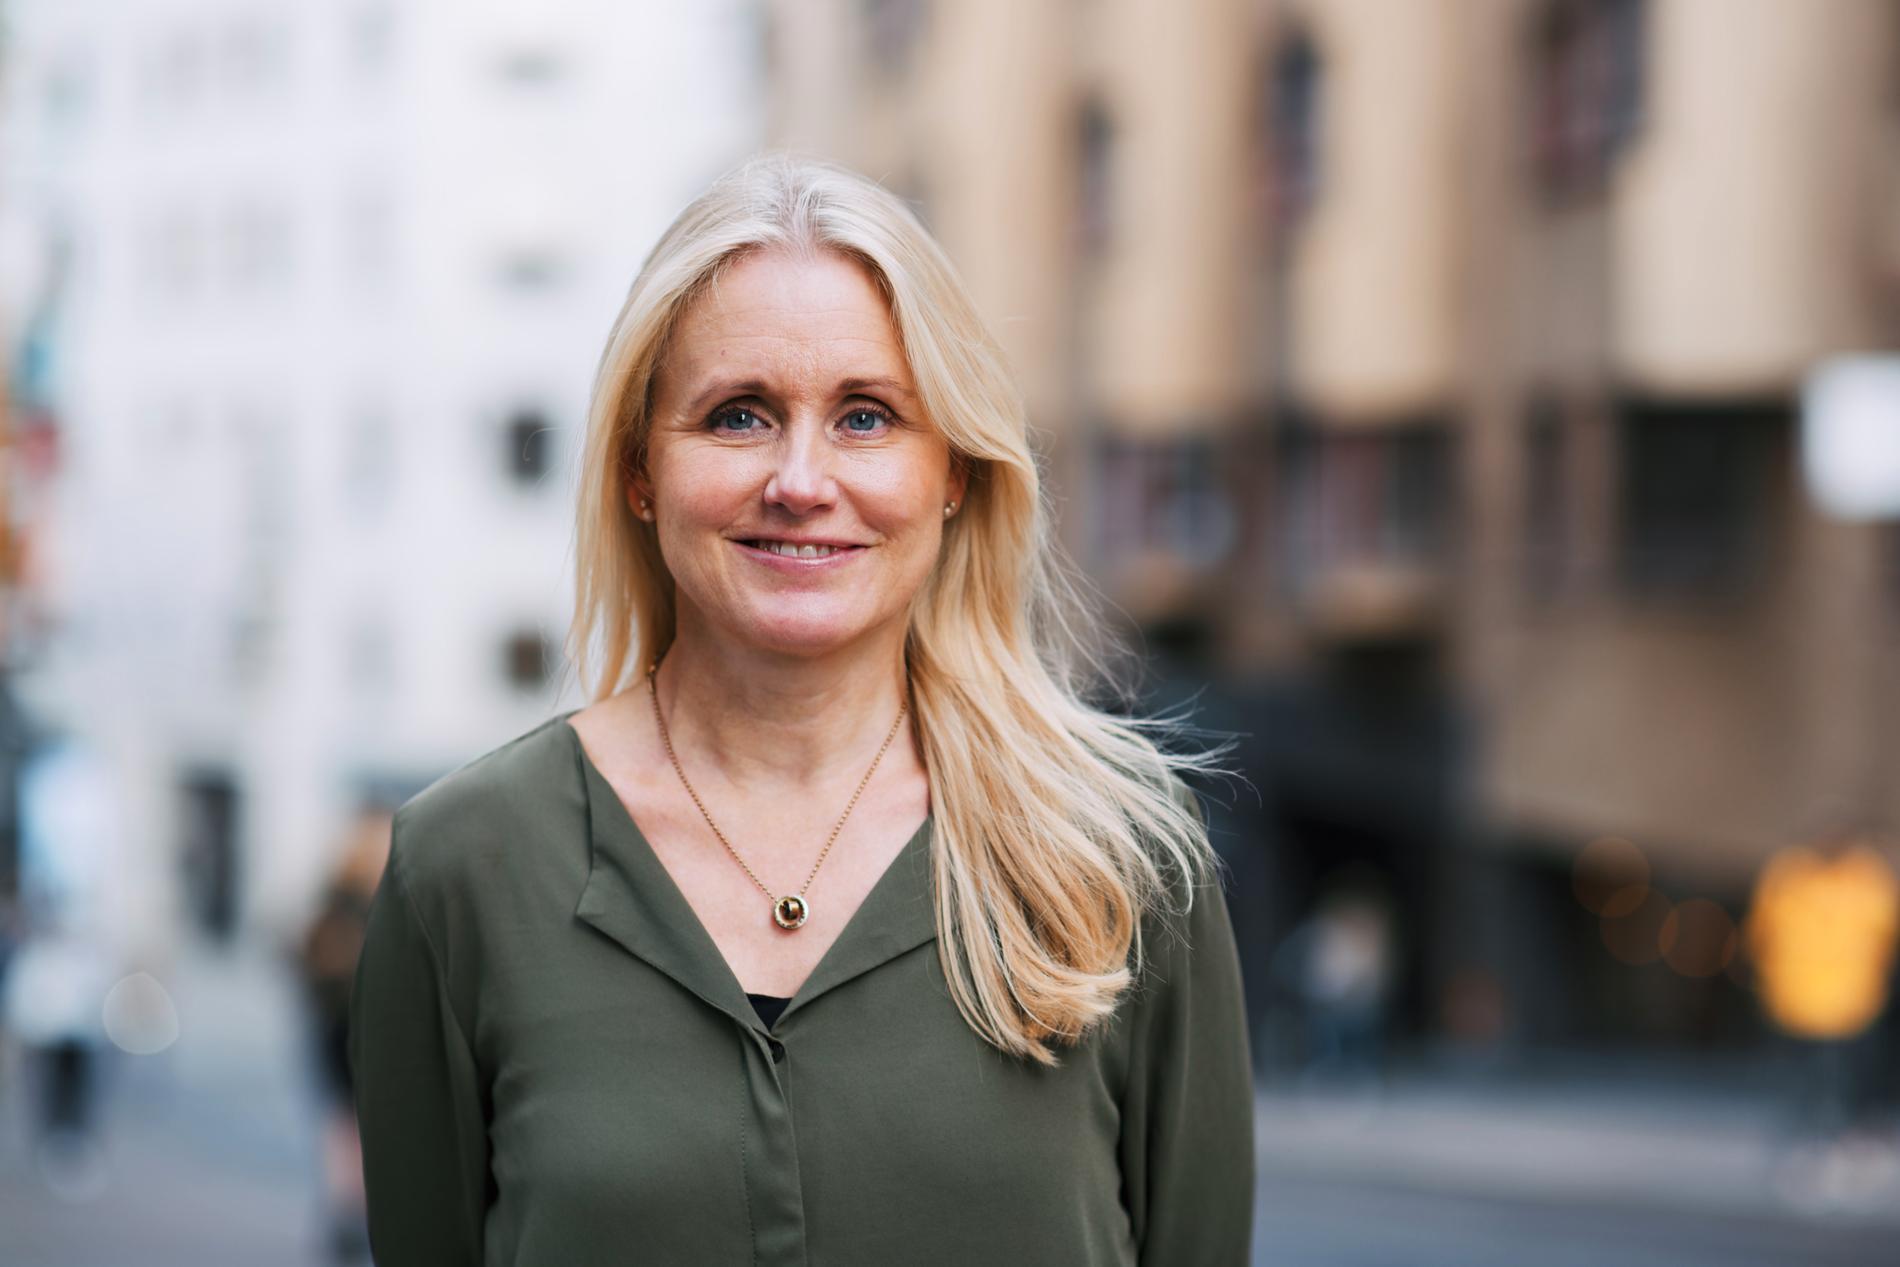 Läkaren Sanna Siljeholm, specialist i allmänmedicin vid Doktor24, tipsar om att klä barnen i flera lager.